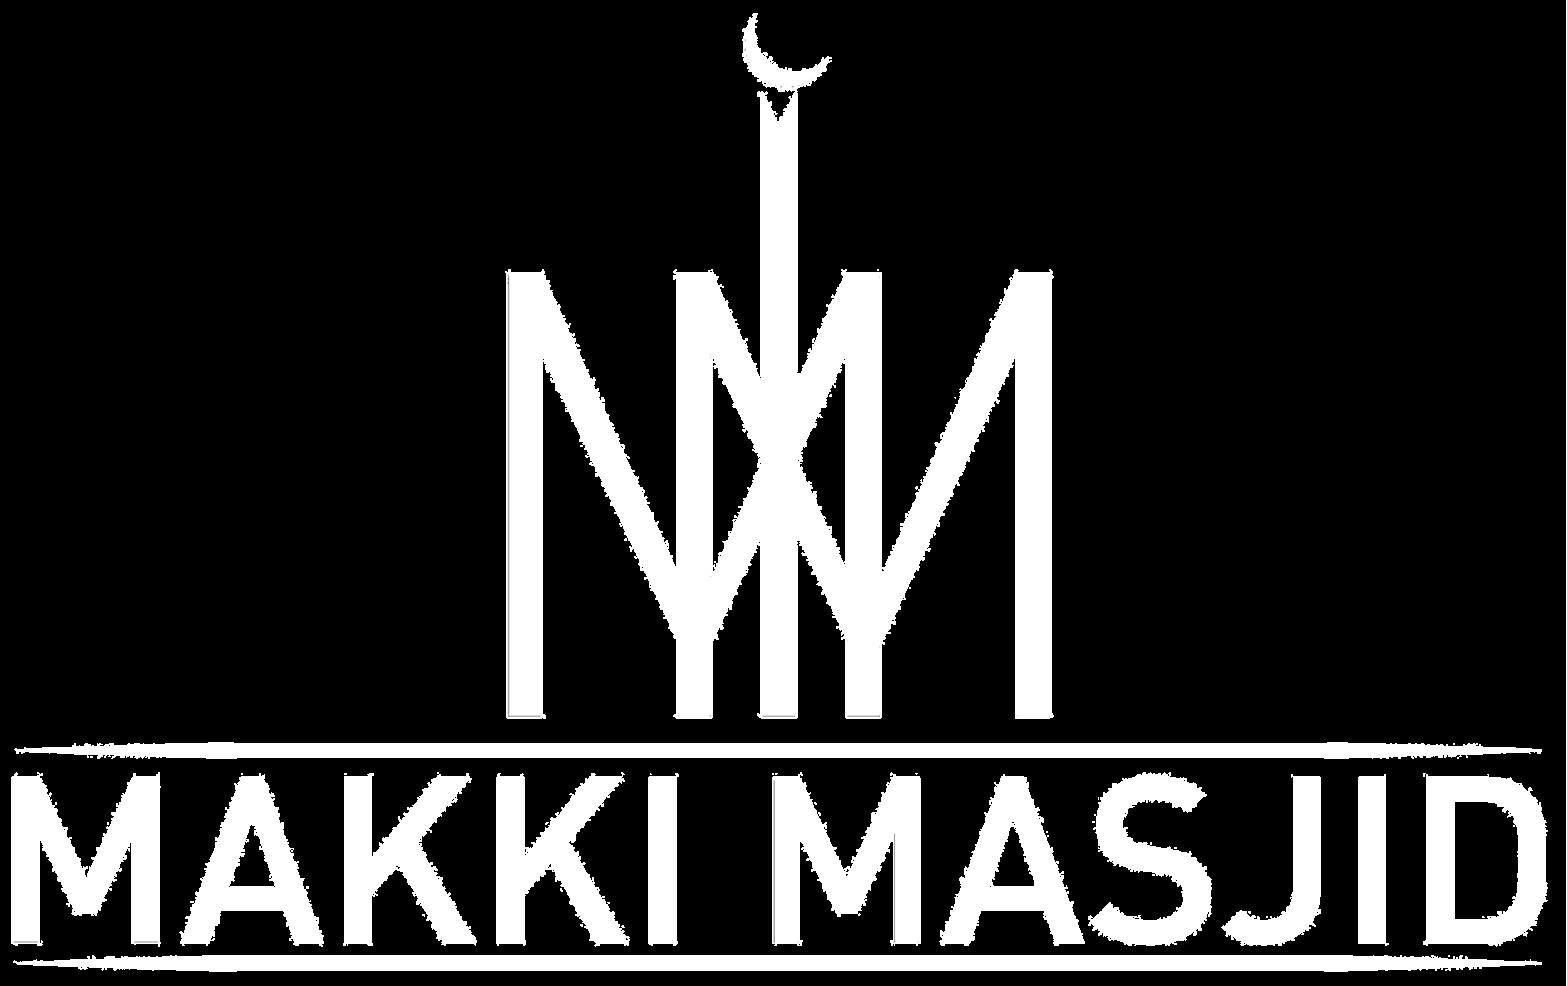 Makki Masjid Chicago